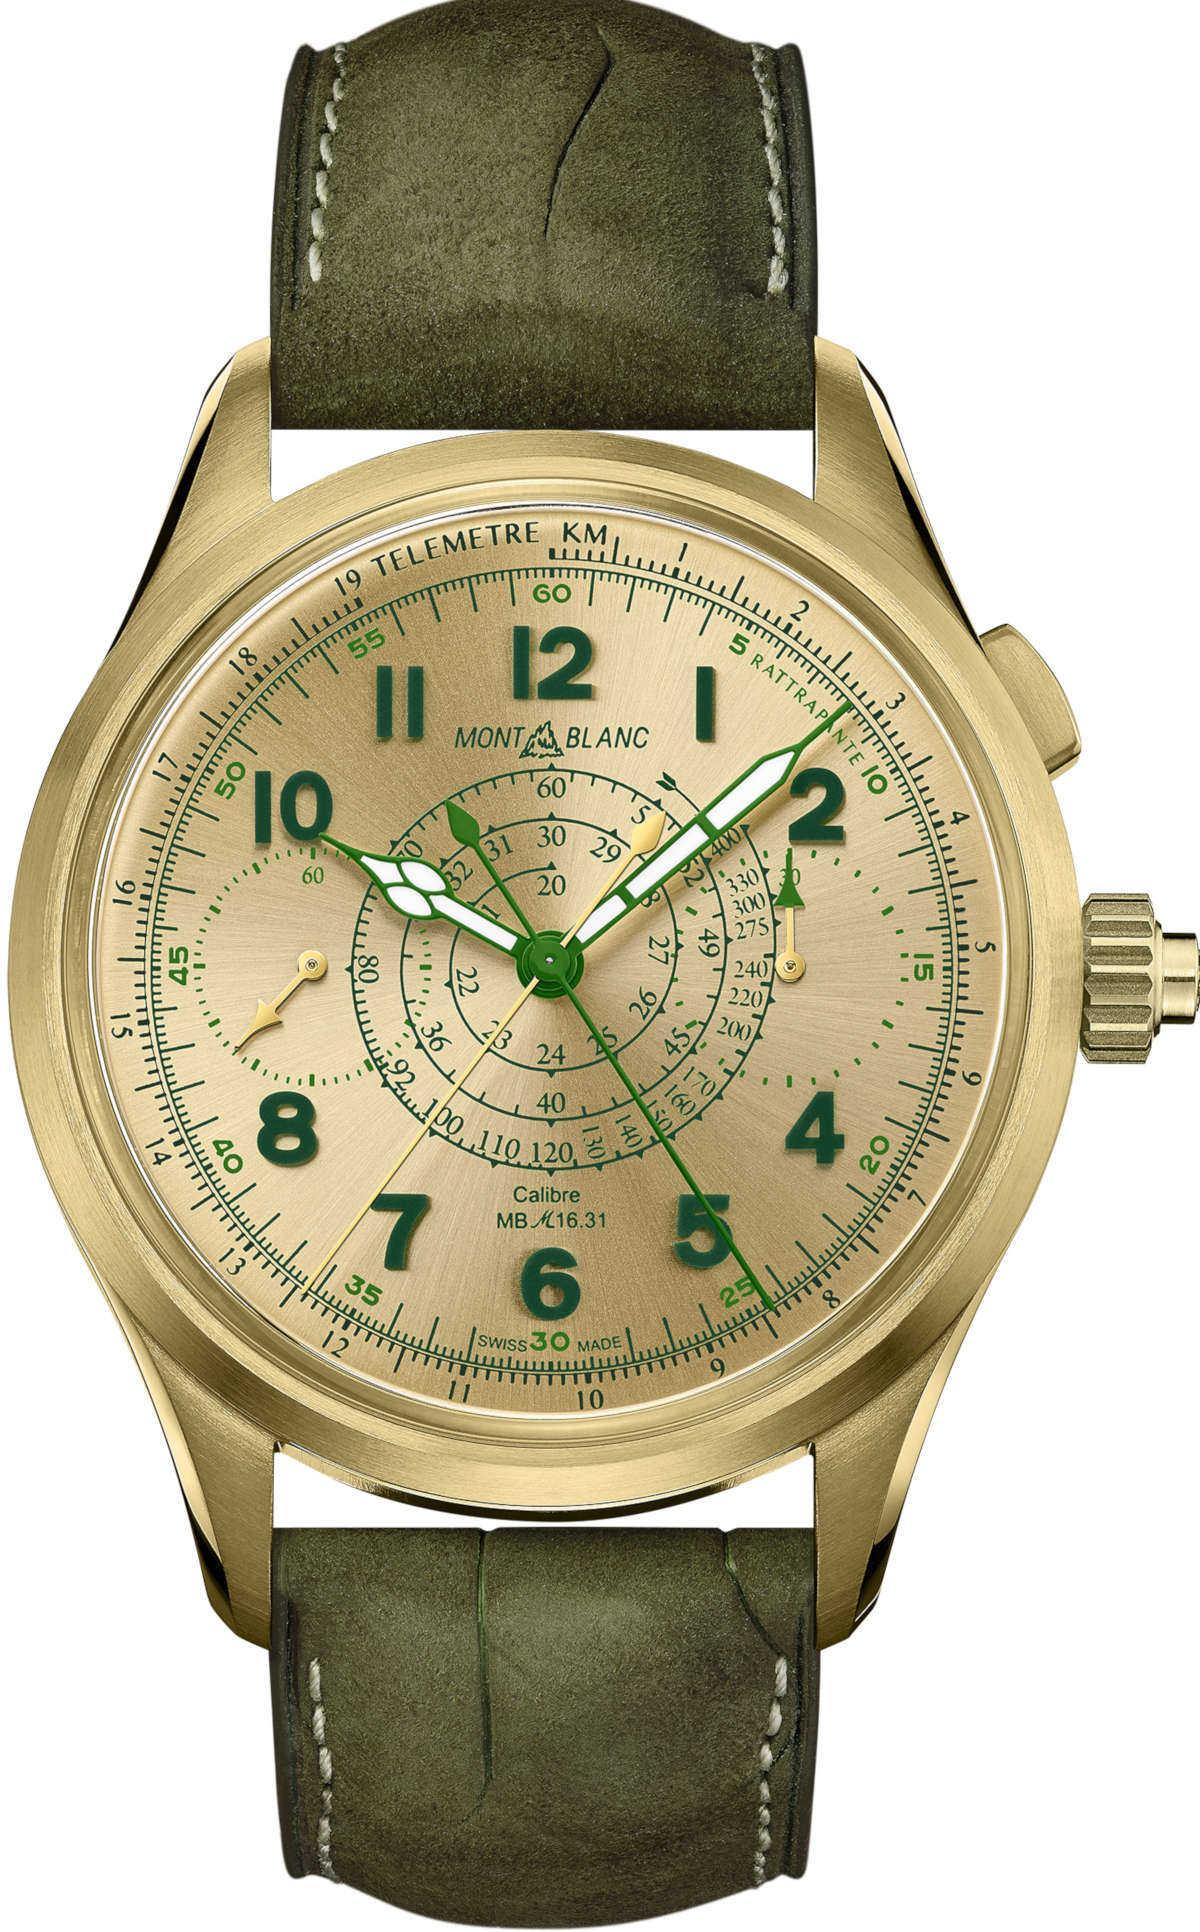 その手があったか! 〈モンブラン〉の絶妙グリーン時計!